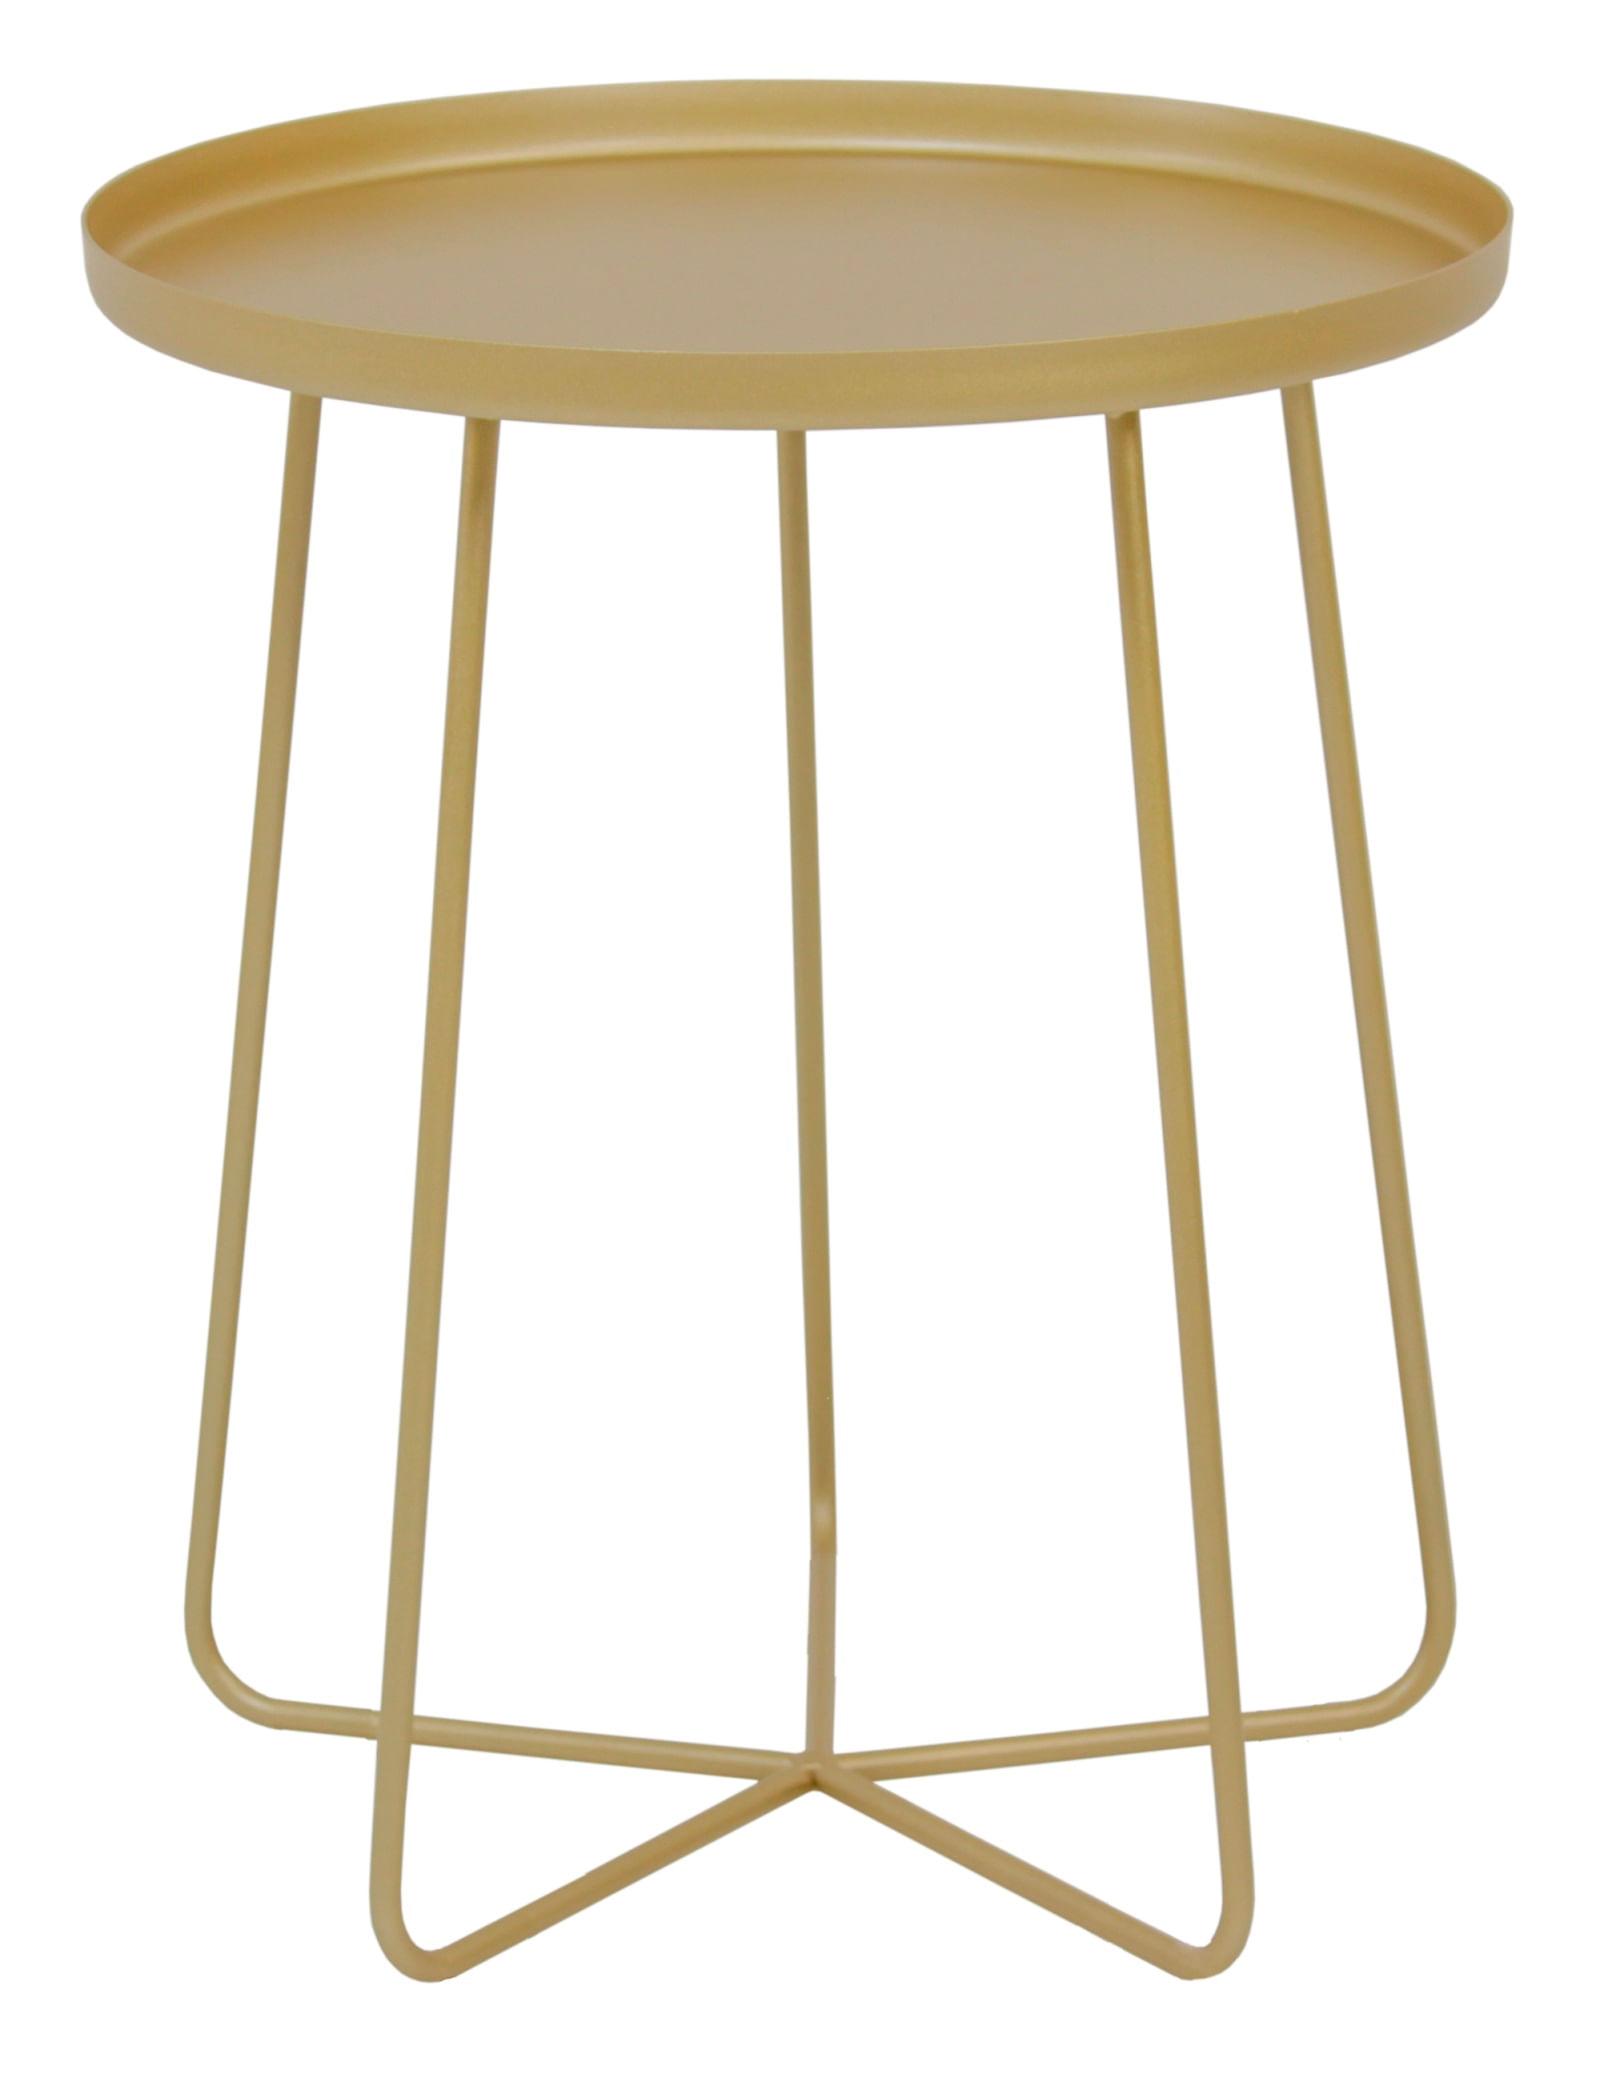 Mesa Apoio Trevo em Aco Carbono Cor Gold 40cm - 59965